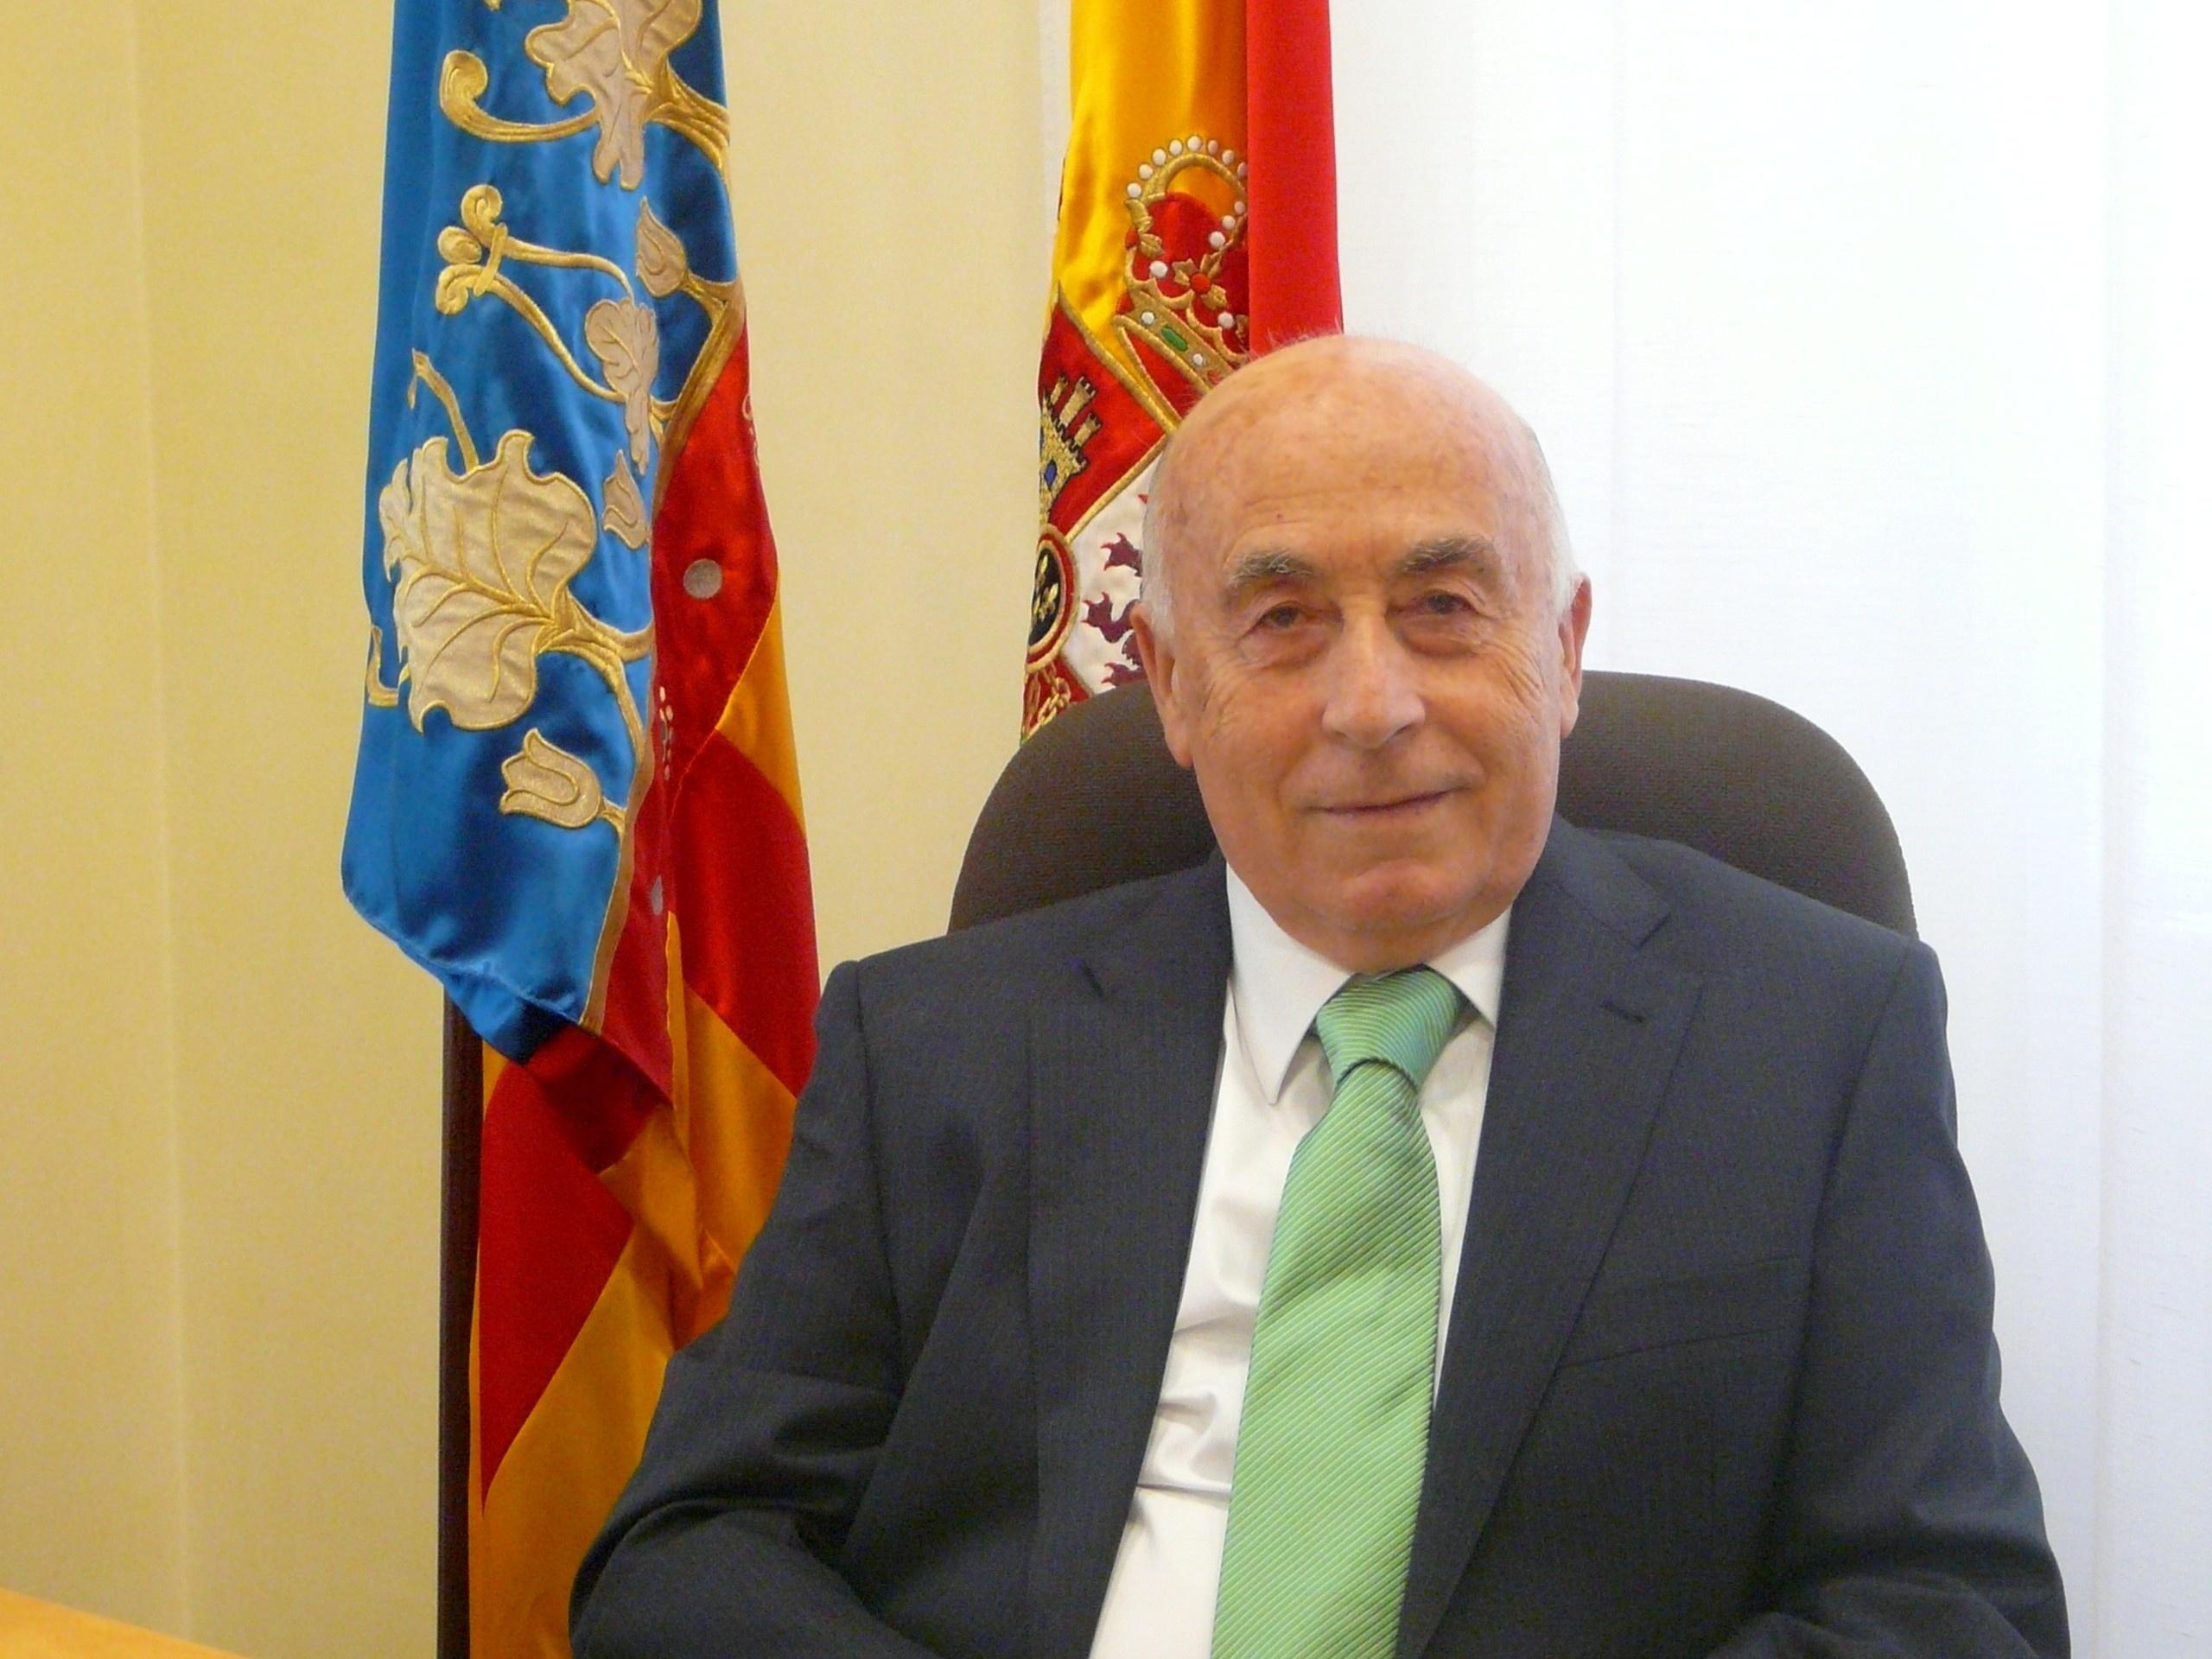 El Síndic de Greuges pide al Ayuntamiento de Sant Joan retirar una antena «ilegal» de telefonía móvil